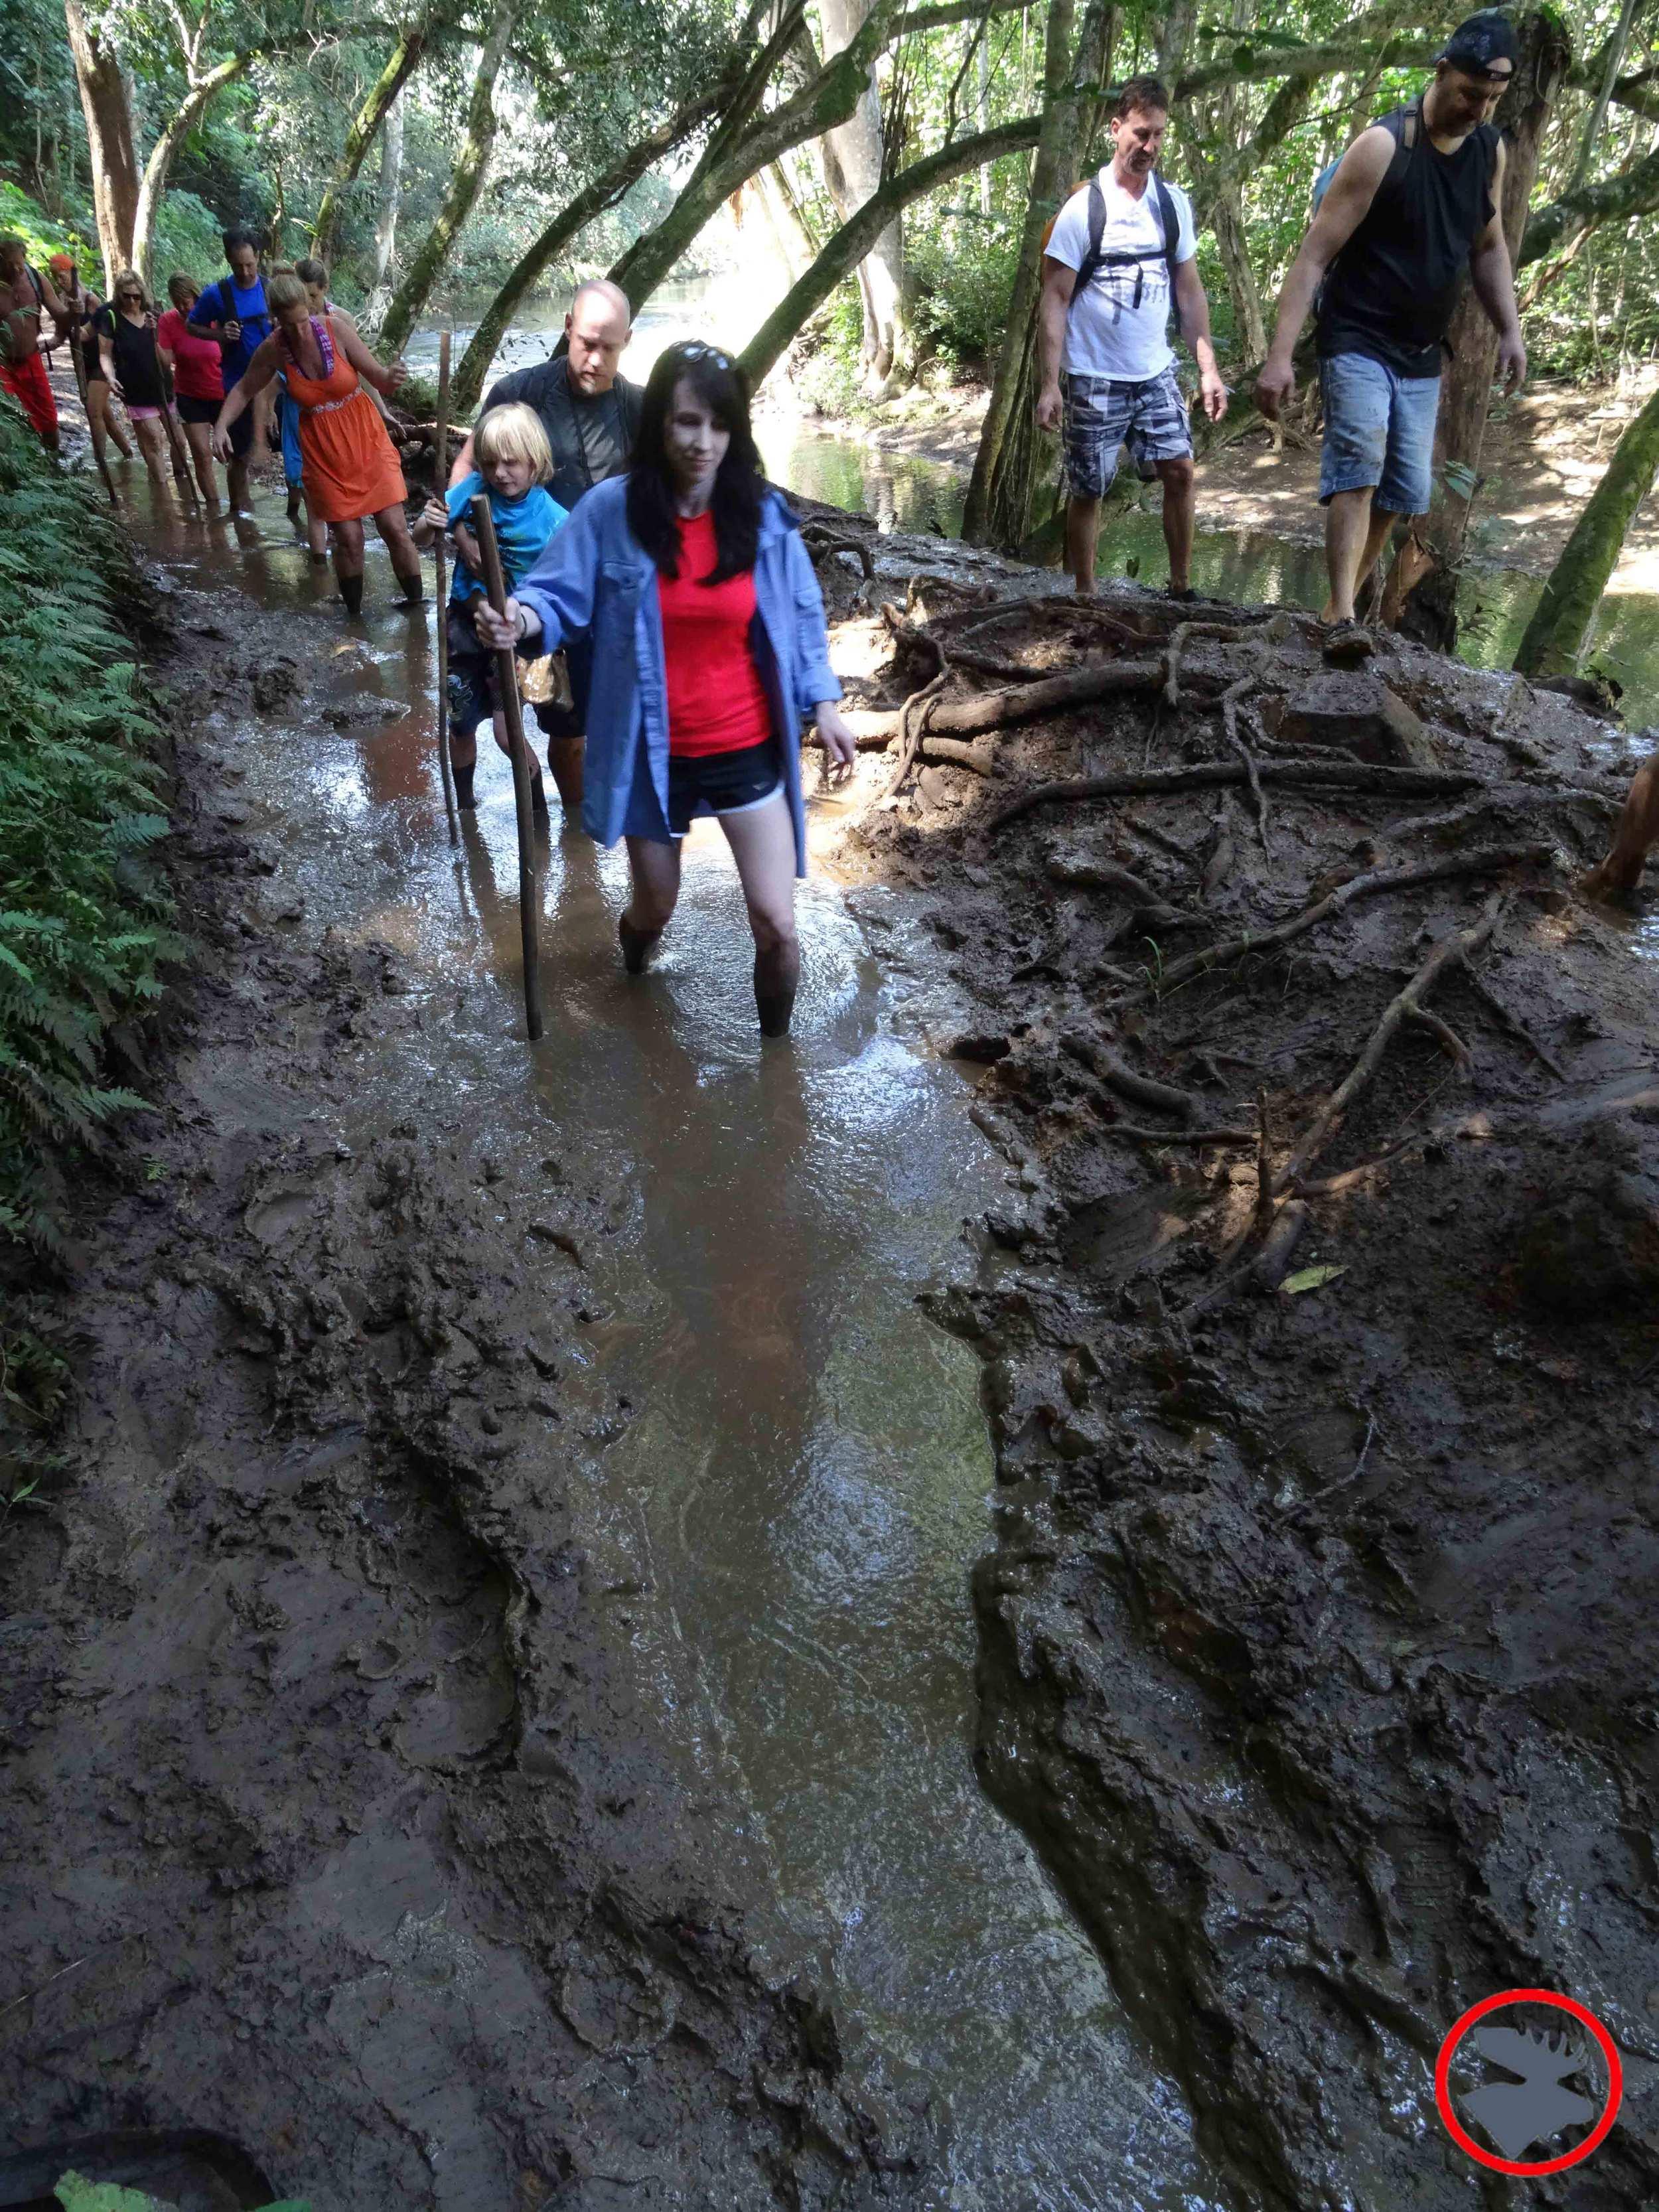 Muddy-Trails.jpg